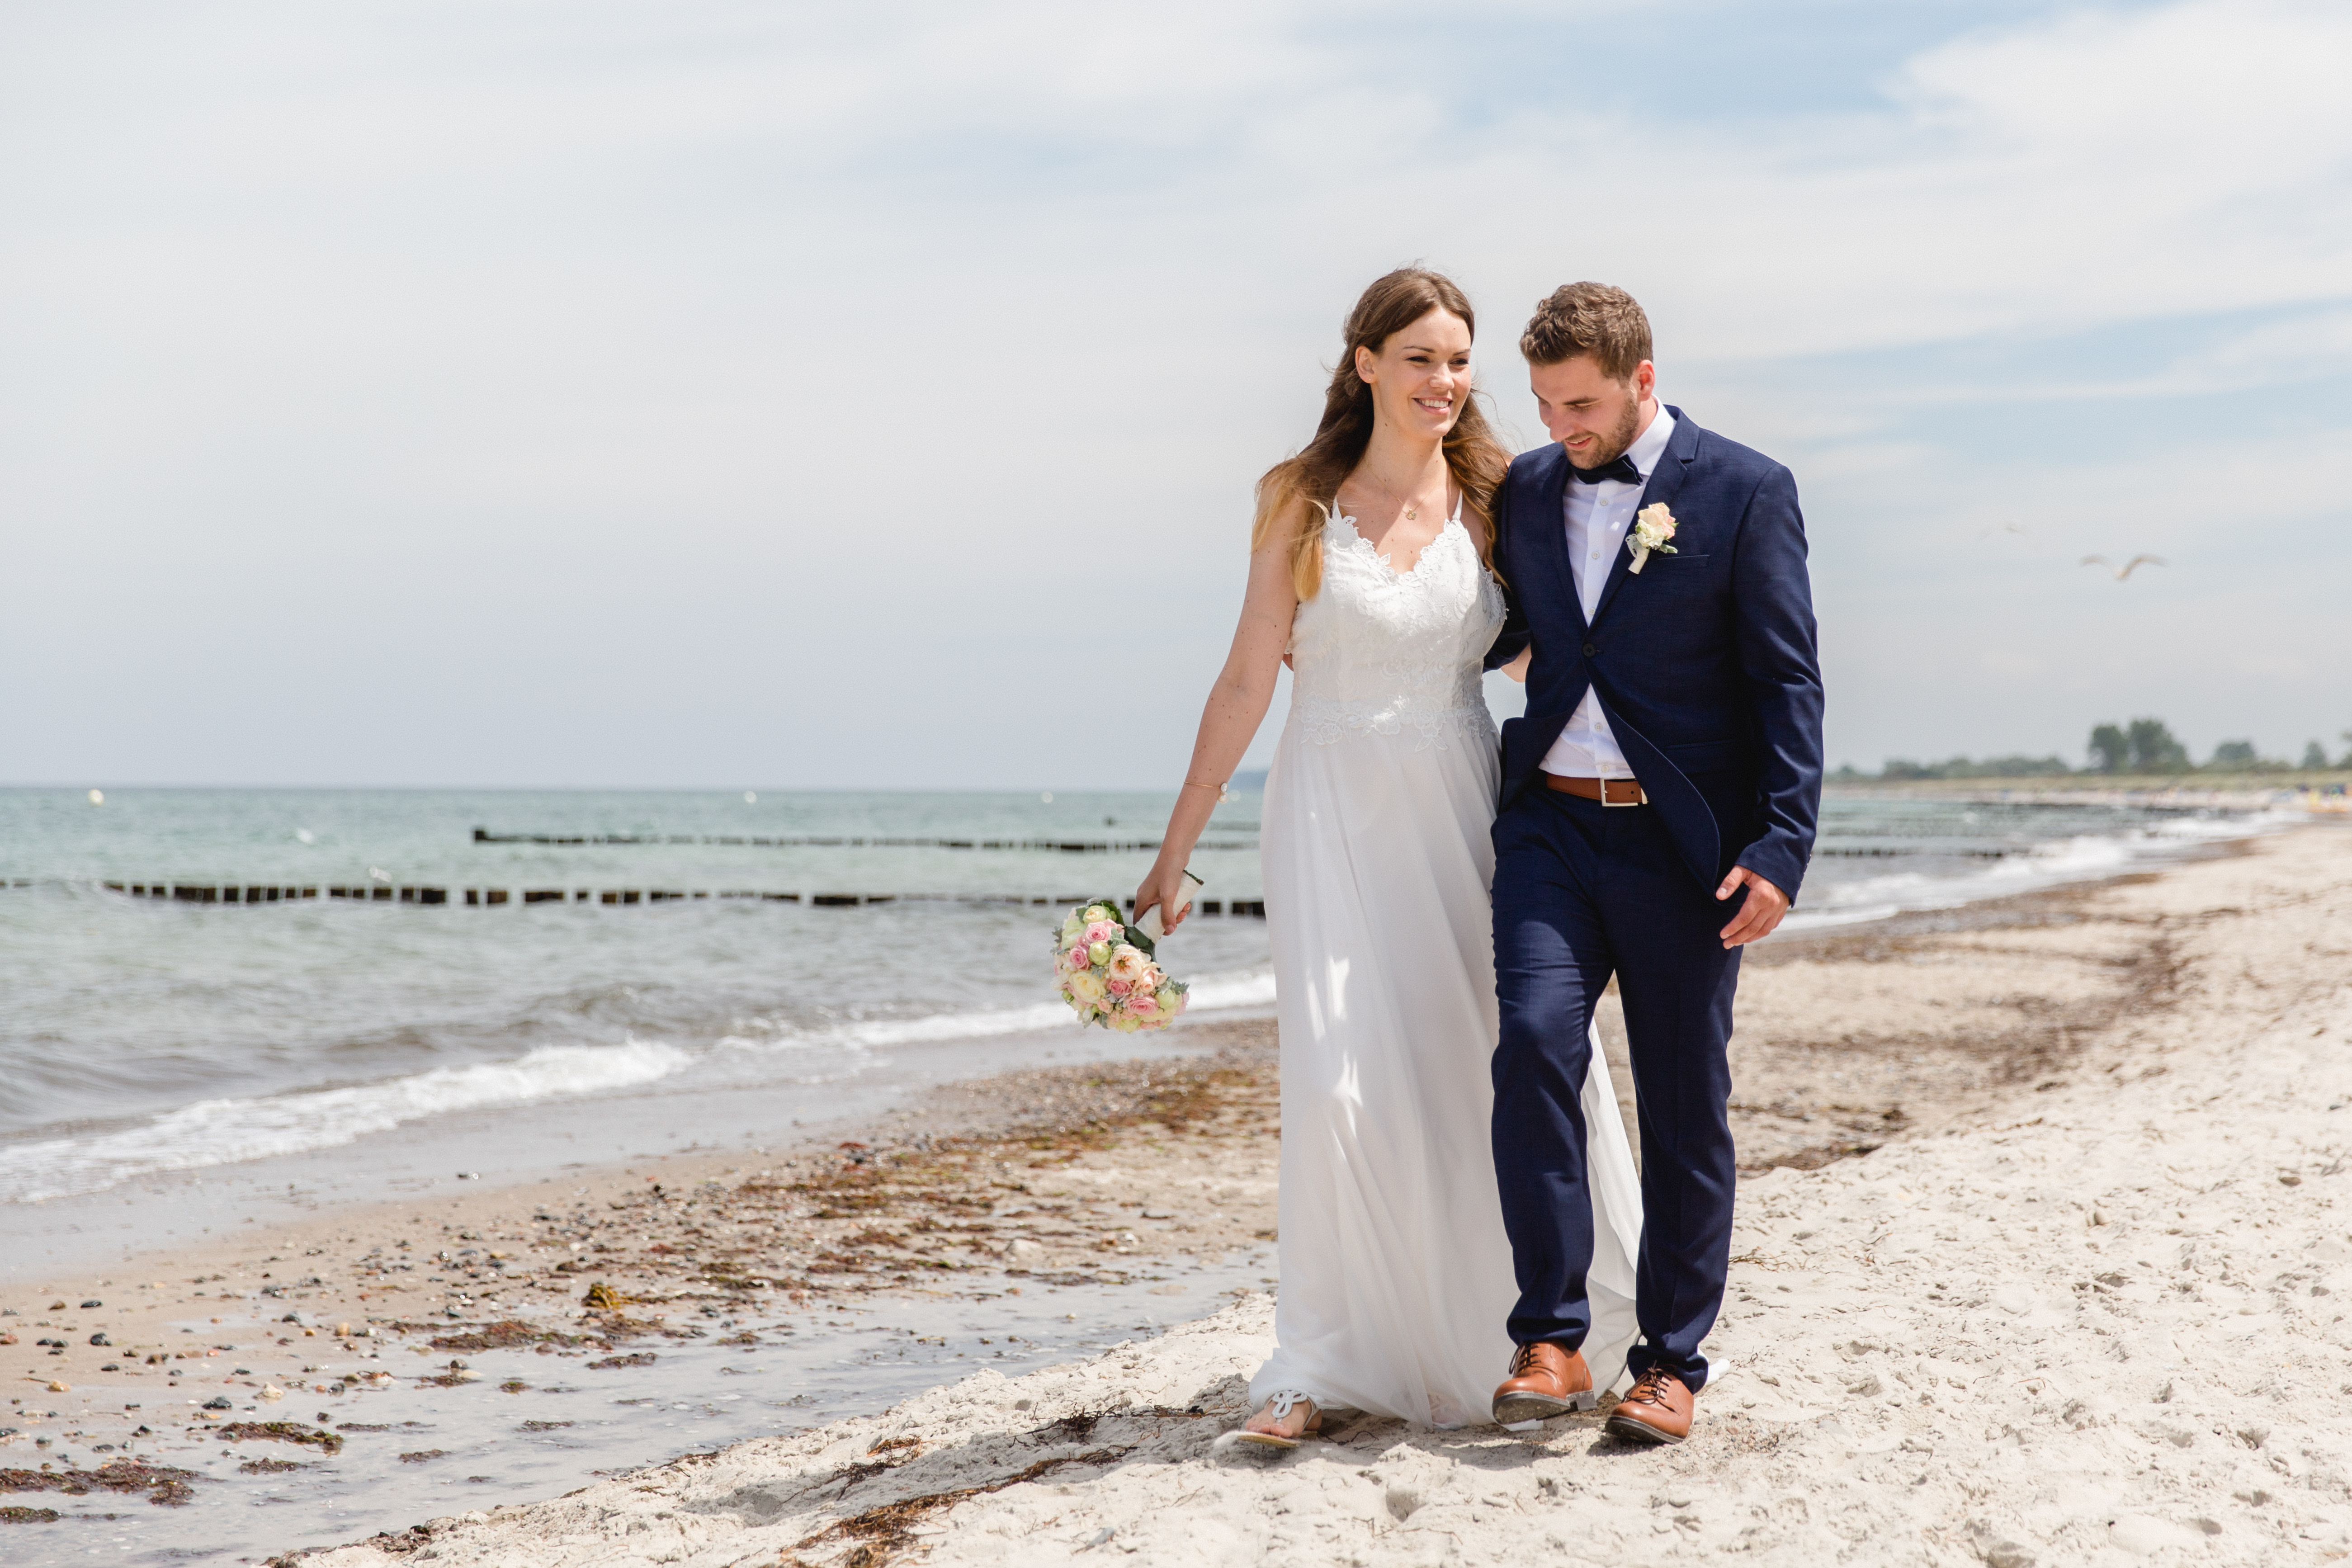 Verliebtes Brautpaar während eines Strandspaziergangs.